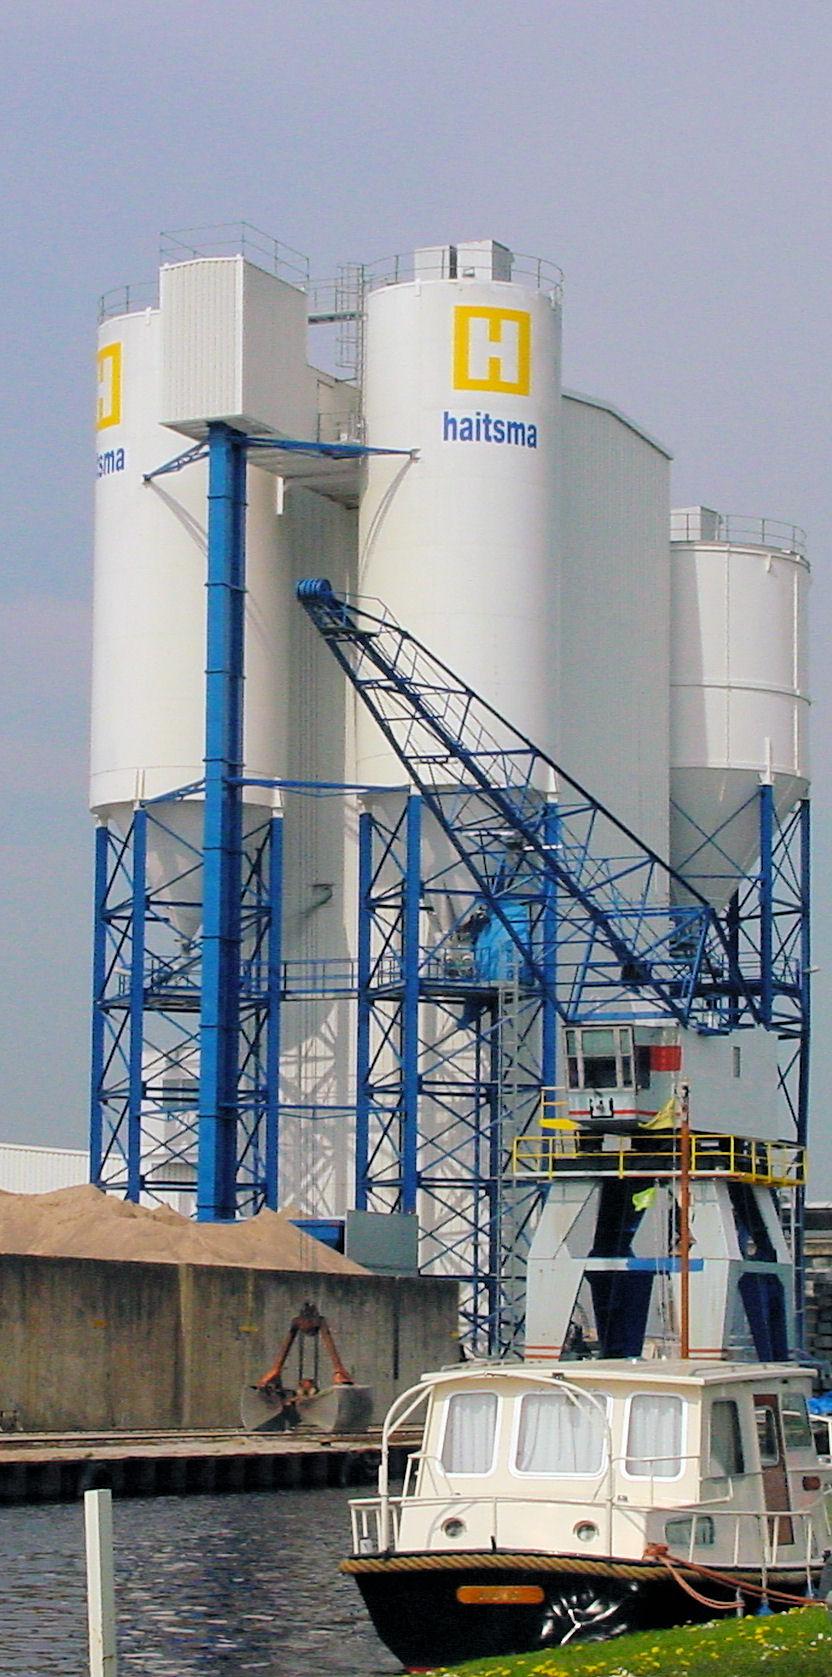 Elevatoren: dé oplossing voor schaarse grond, hoge grondprijzen en horizonvervuiling